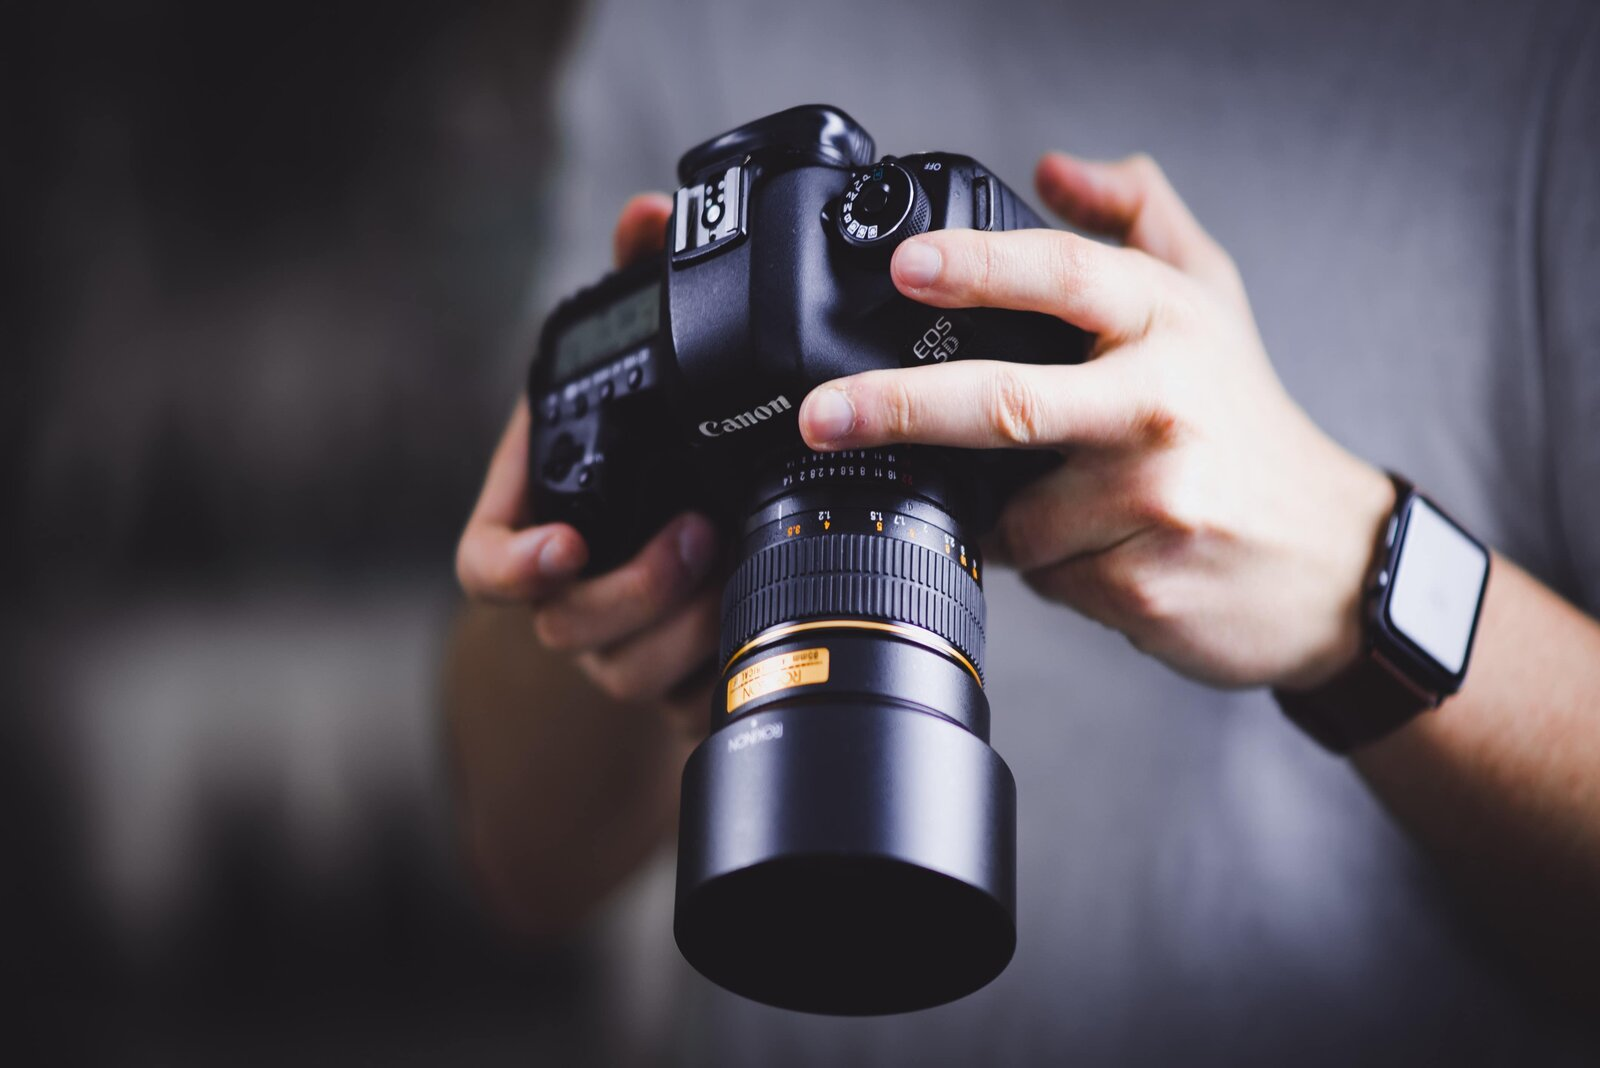 Mit Fotos Geld verdienen 2020 – eigene Fotos verkaufen